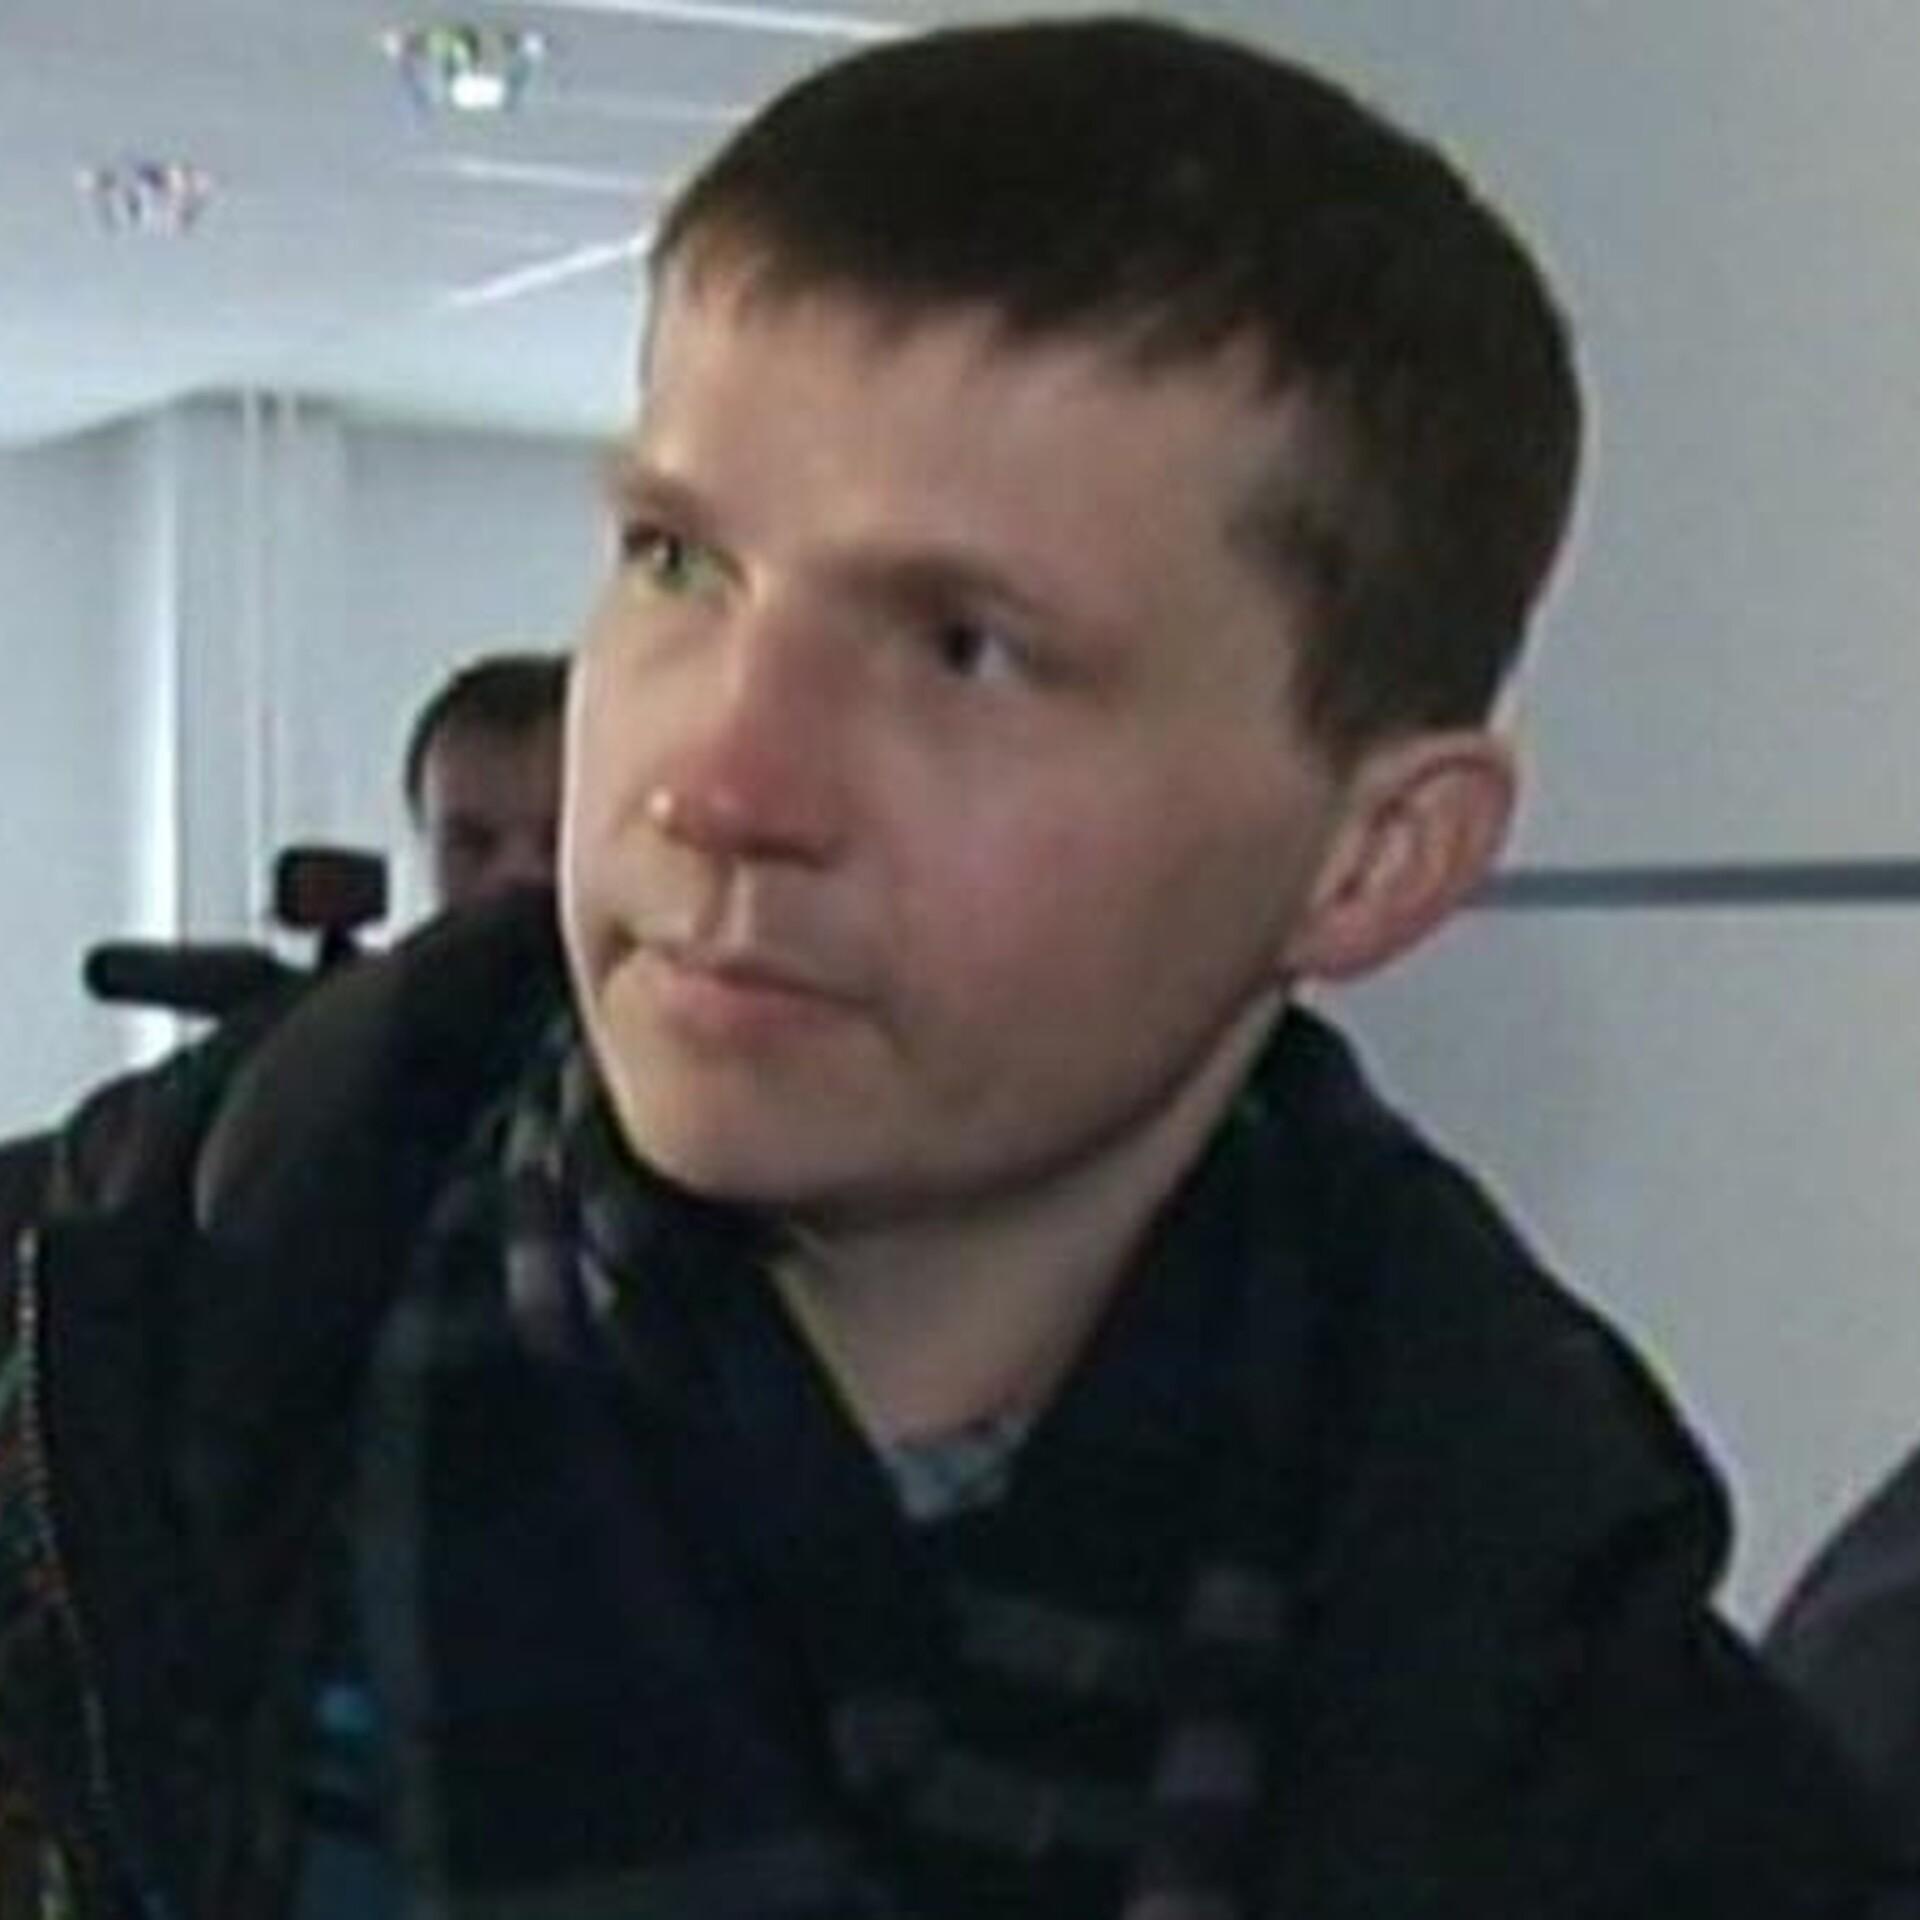 6b7e7947d9a Narkopolitsei eksjuhi kriminaalasja arutatakse kinniste uste taga | Eesti |  ERR